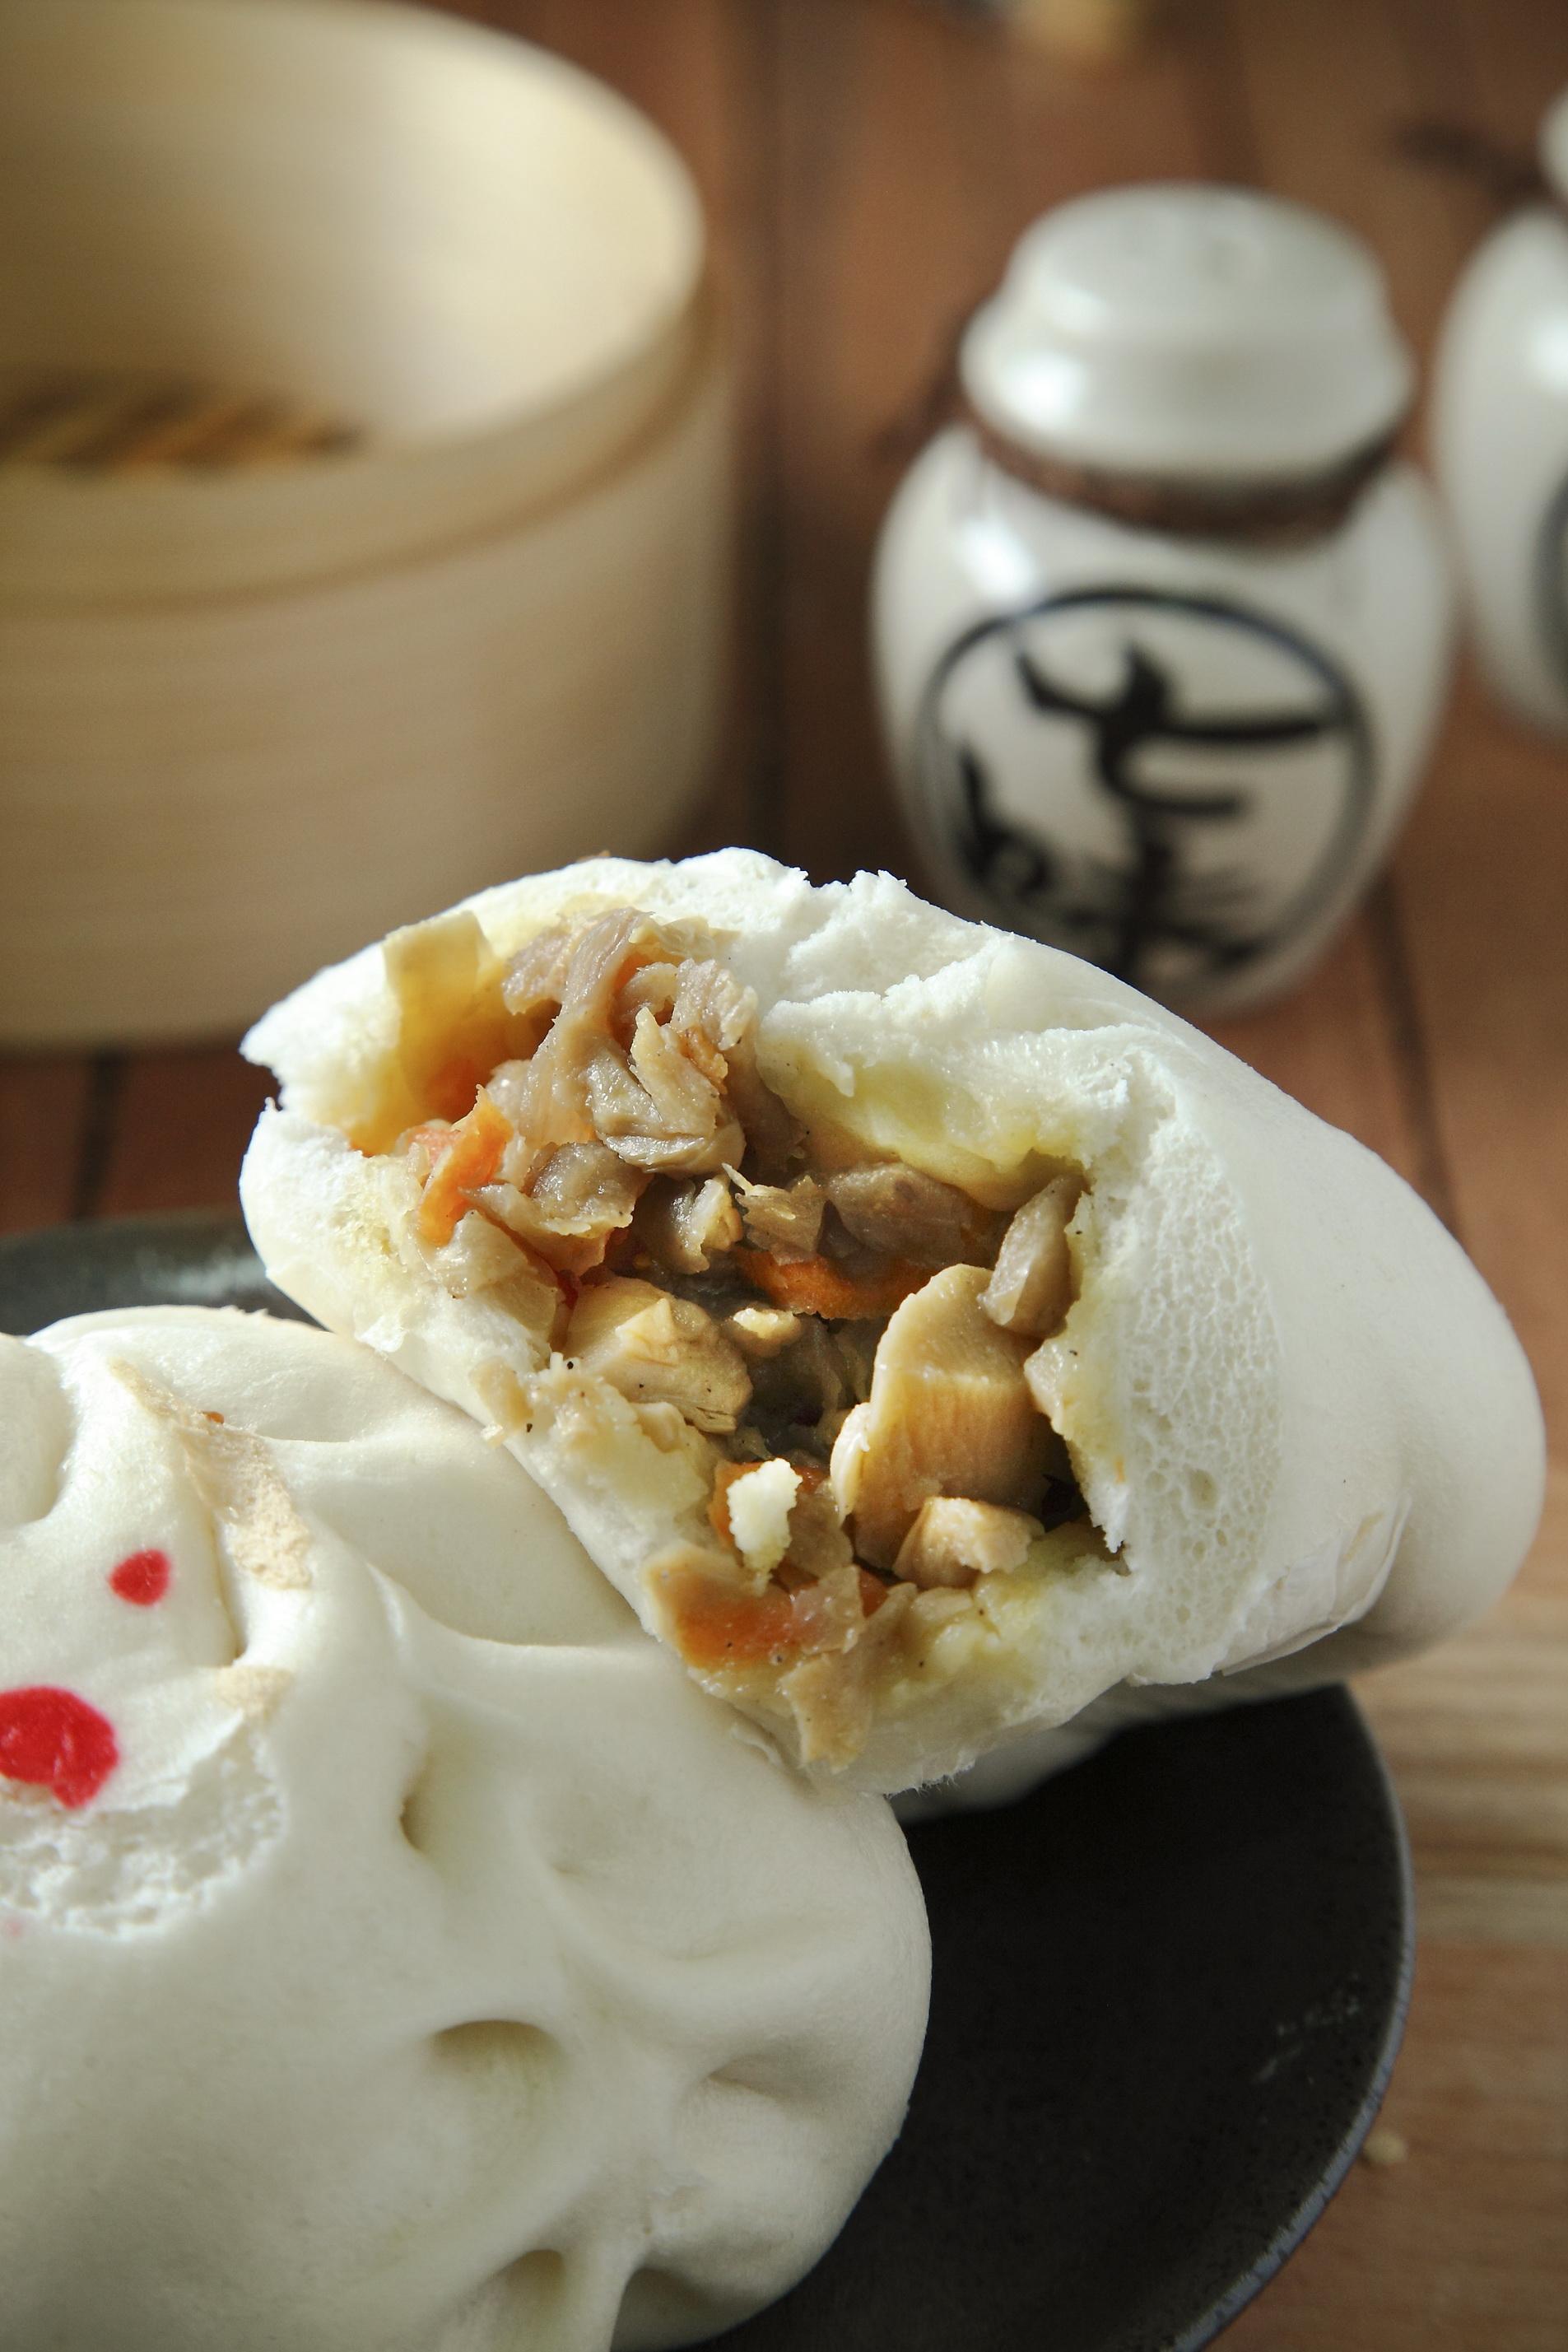 【愛上和平 Love&Peace】 純手工台灣綠竹筍包,嚴選台灣三峽綠竹筍,網路平價開賣,c/p值超高。